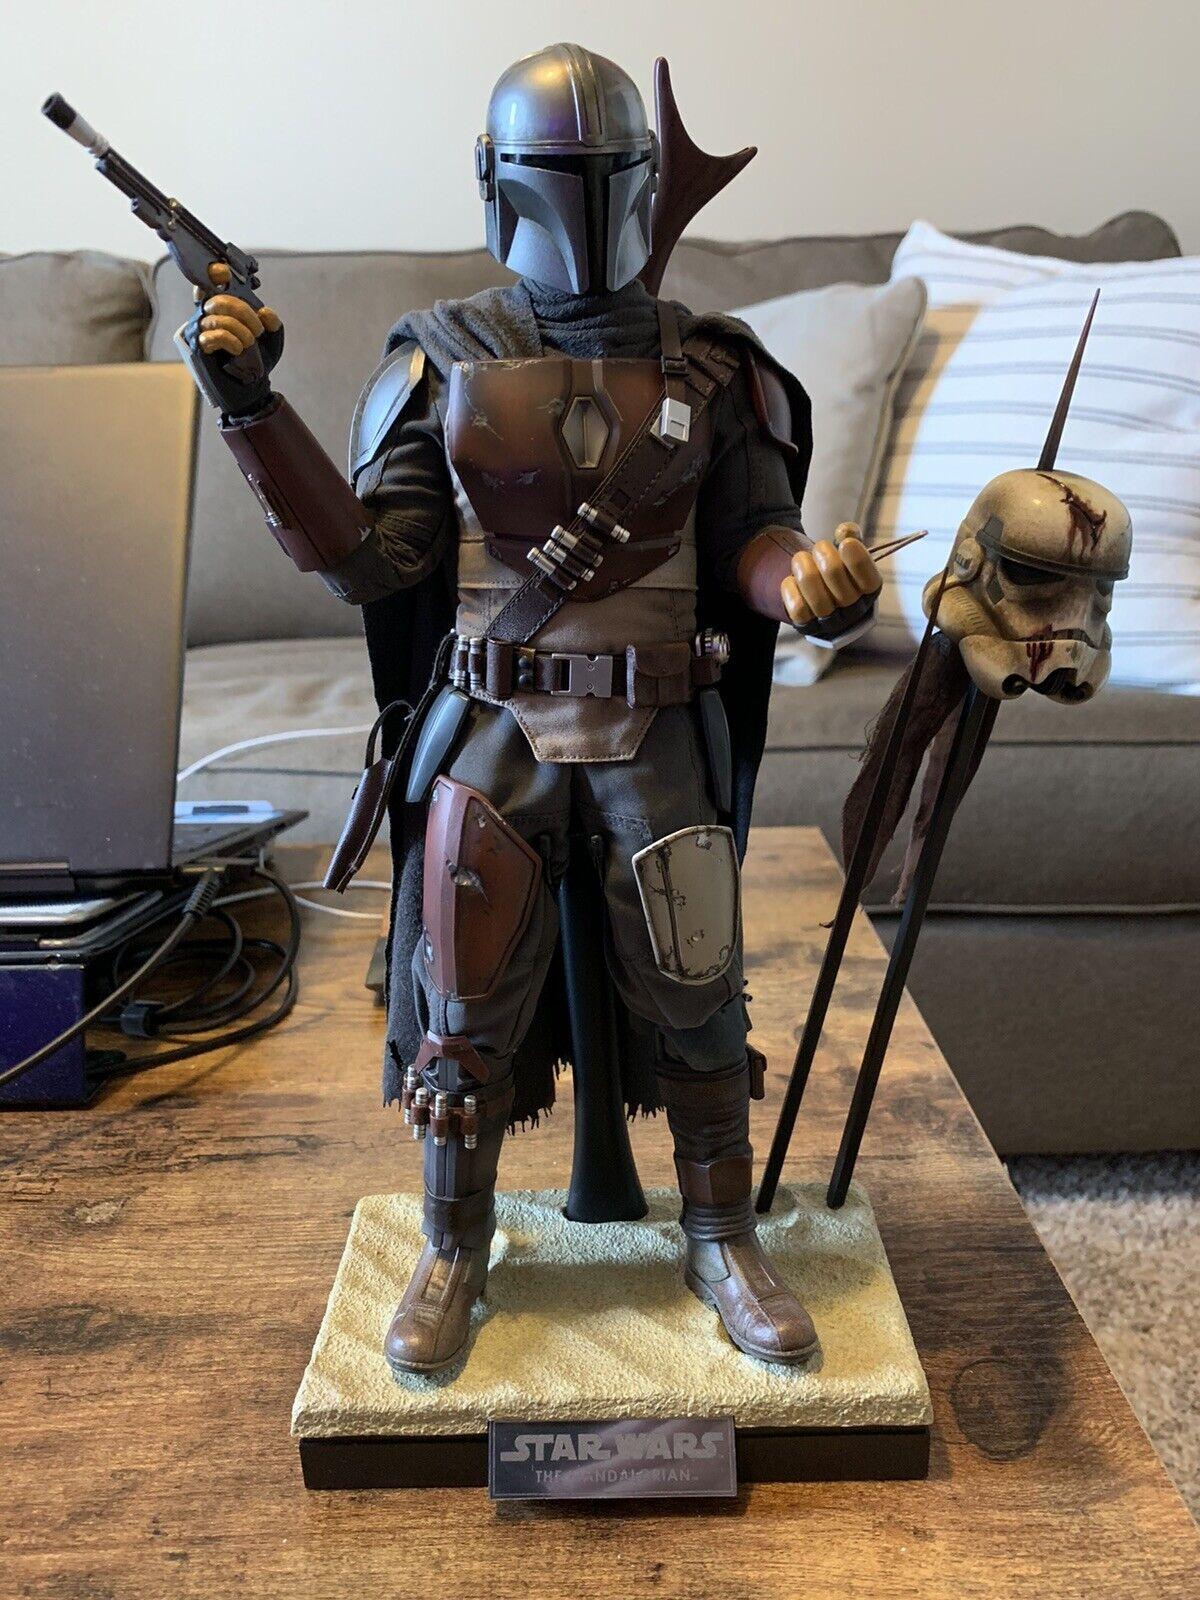 Hot Toys The Mandalorian TMS007 Star Wars 1/6 Figure on eBay thumbnail